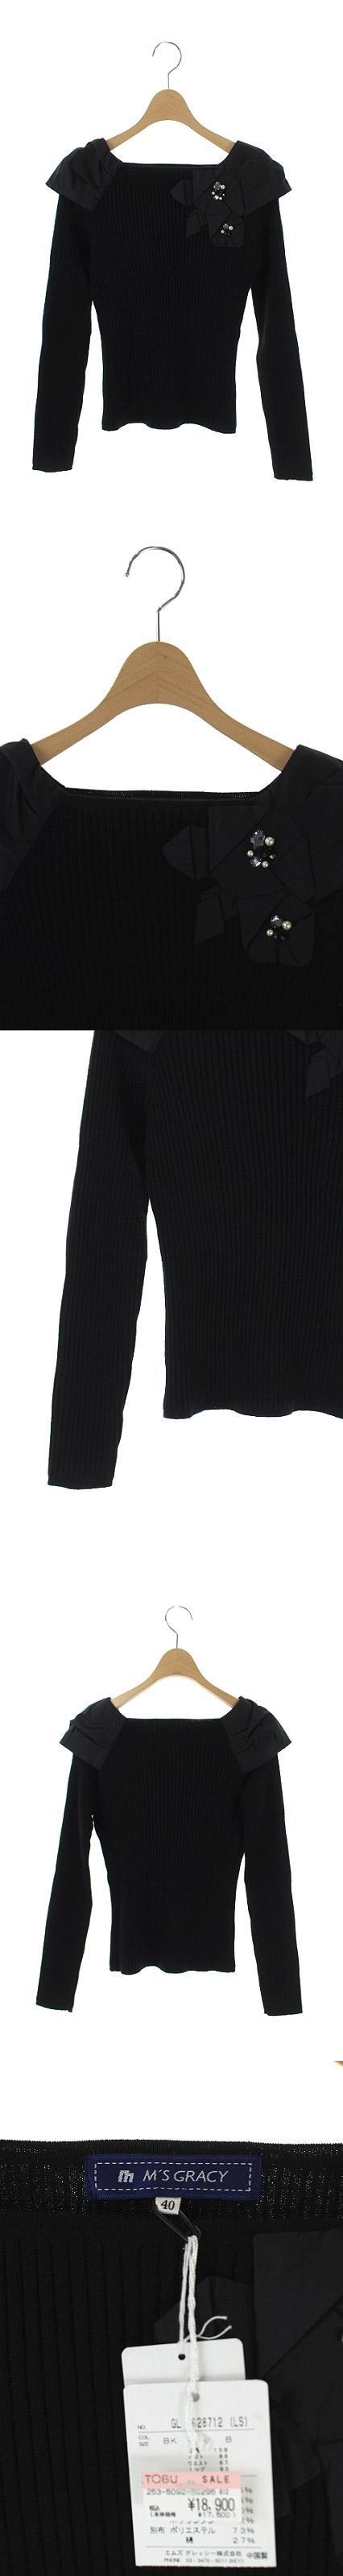 ニット ワイドリブ カットソー 長袖 ビジュー装飾 スクエアネック 40 黒 /AA ■OS